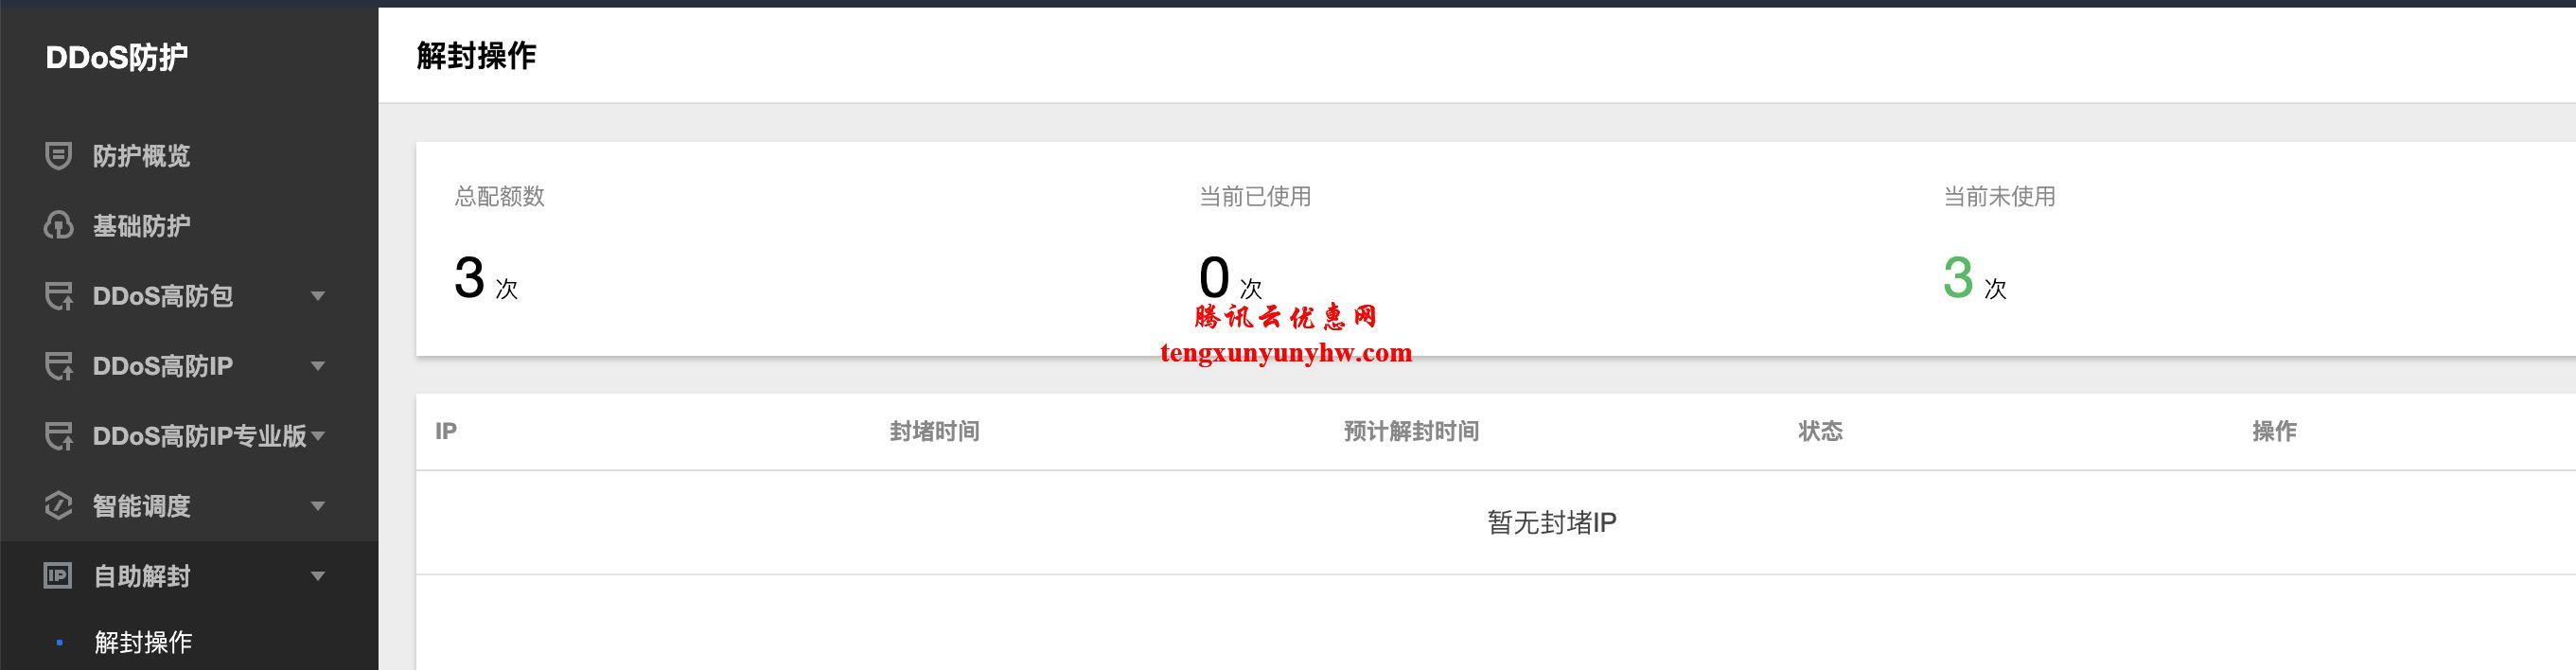 """腾讯云服务器""""DDoS攻击导致IP封堵""""后自助解封教程"""